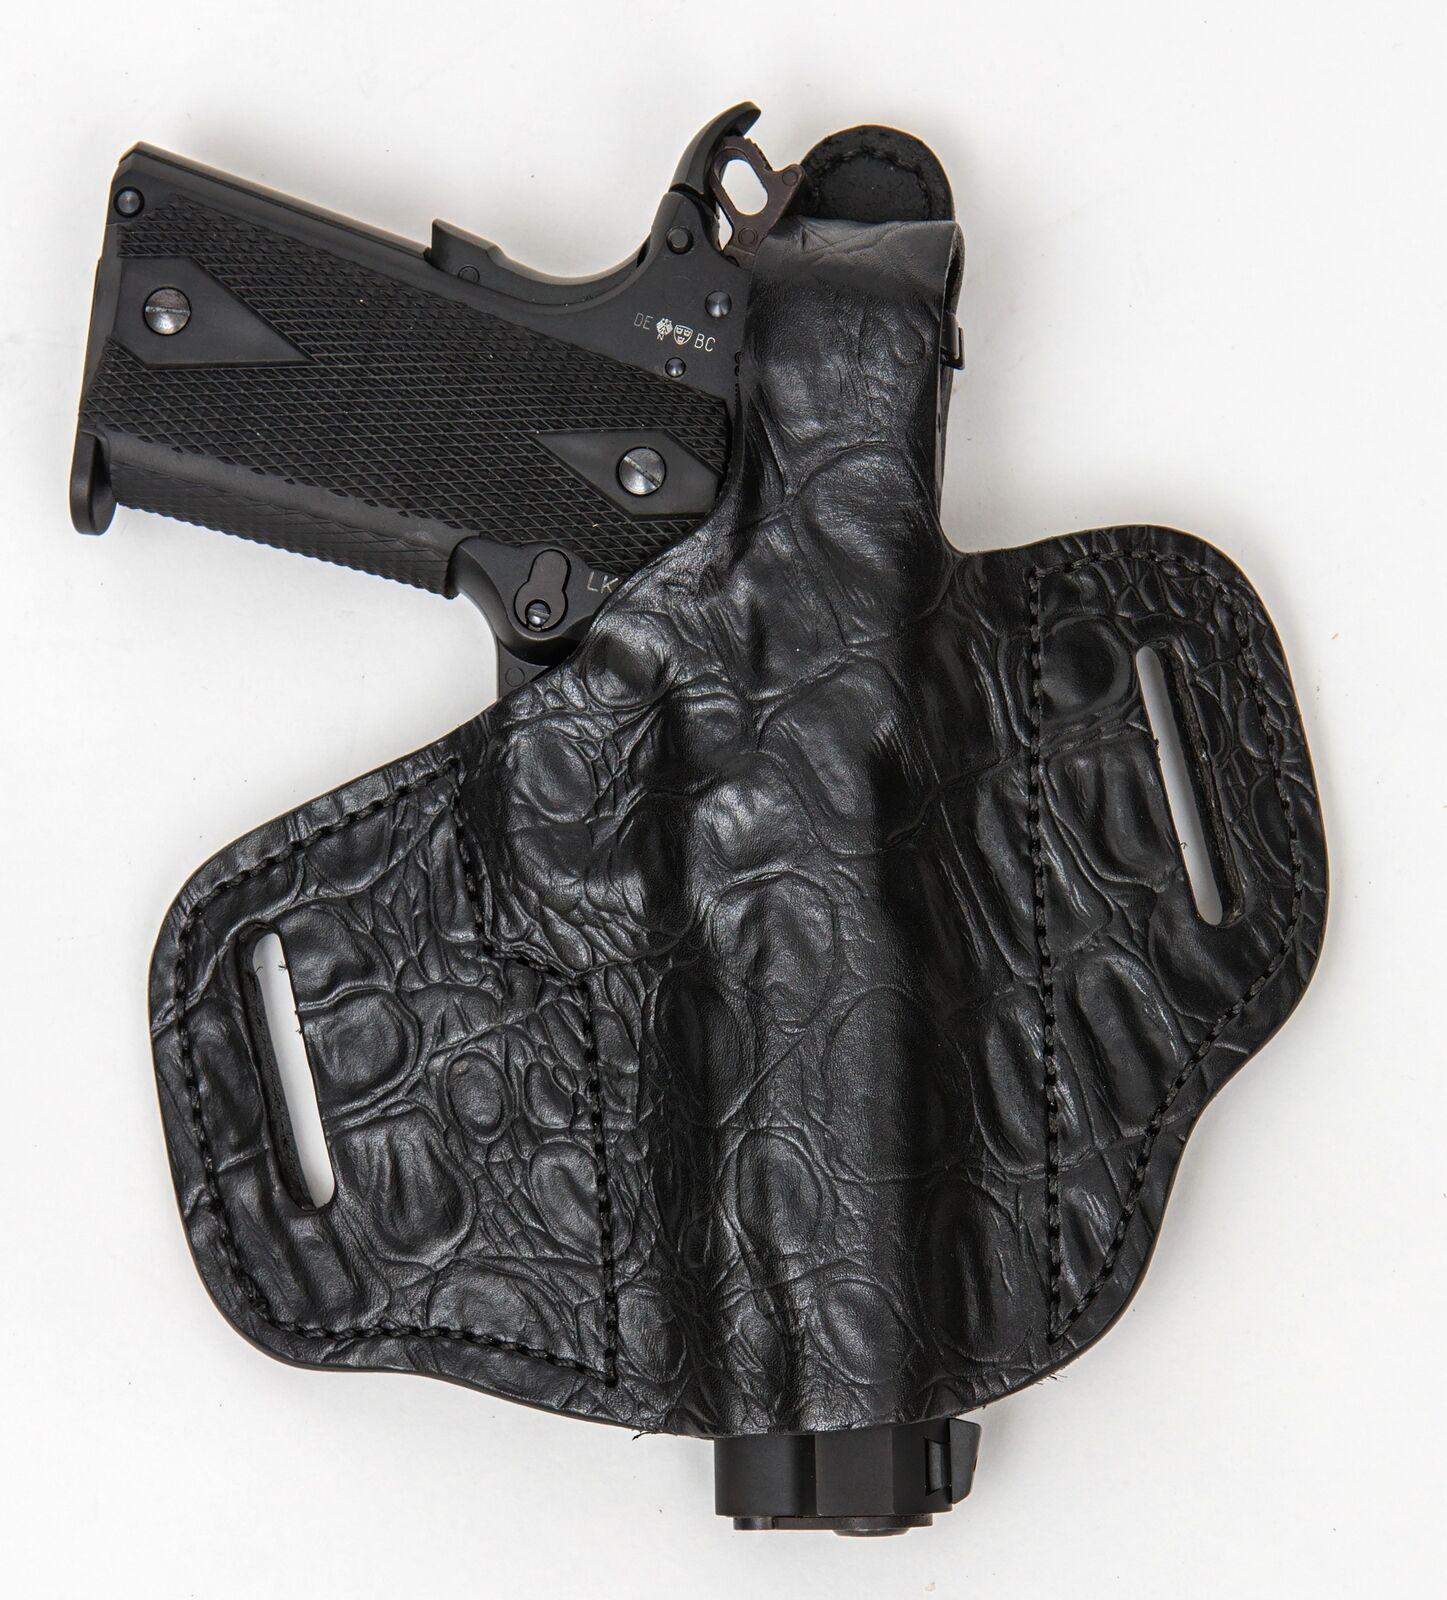 En servicio ocultar RH LH owb Cuero Funda Pistola para para P10